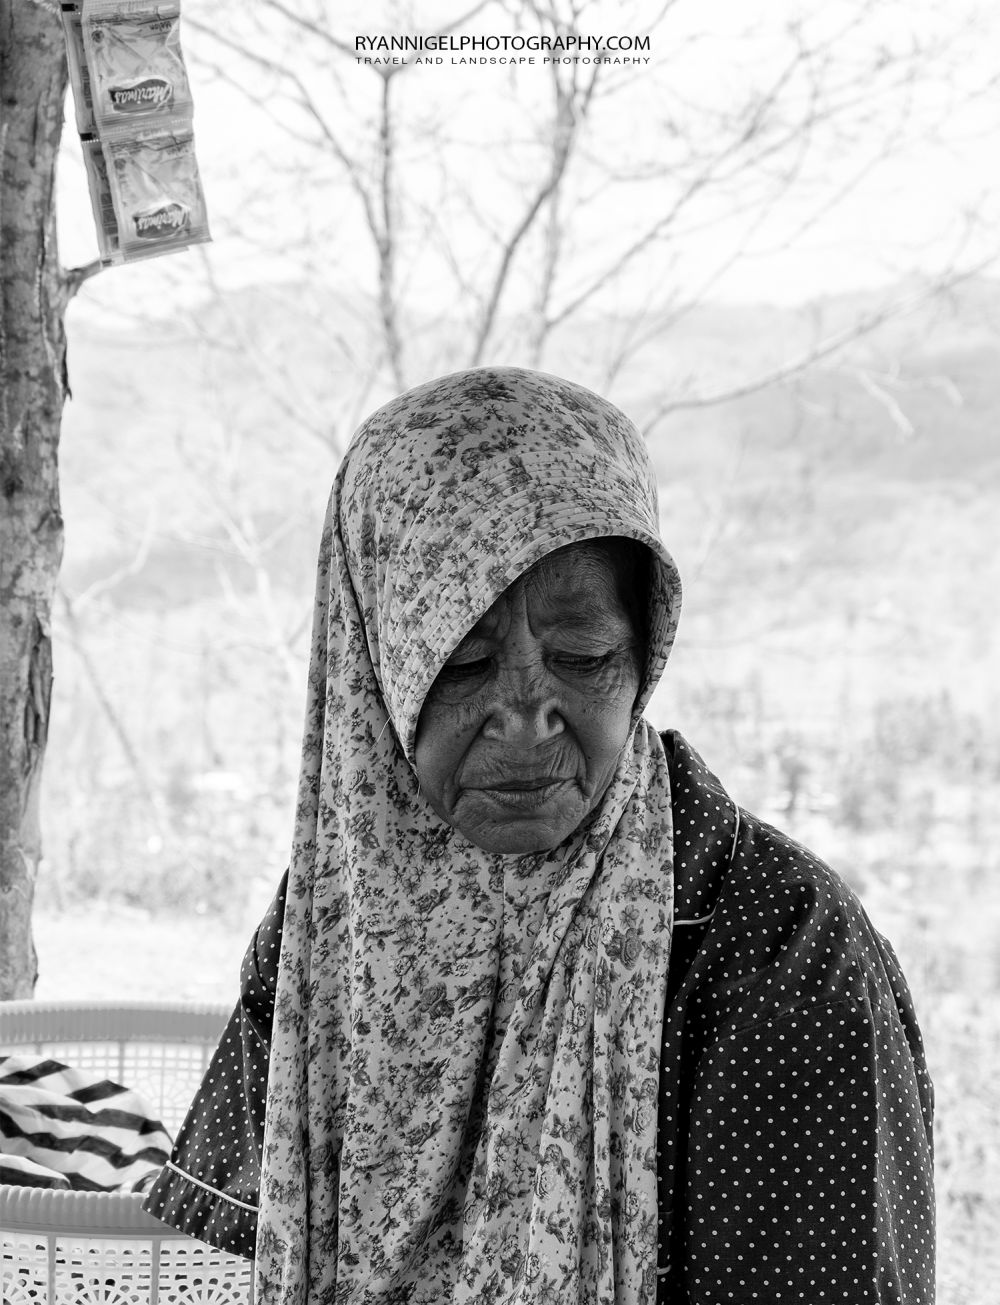 Warung seller at Bukit Idung West Lombok